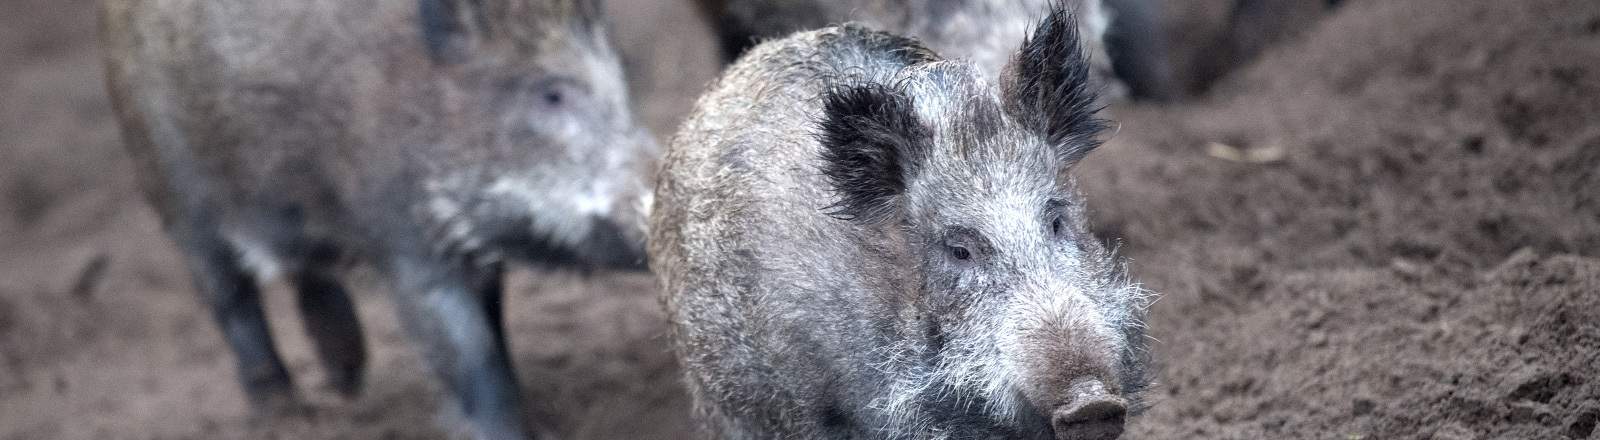 Afrikanische Schweinepest. Es sollen tausendfach Wildschweine abgeschossen werden.